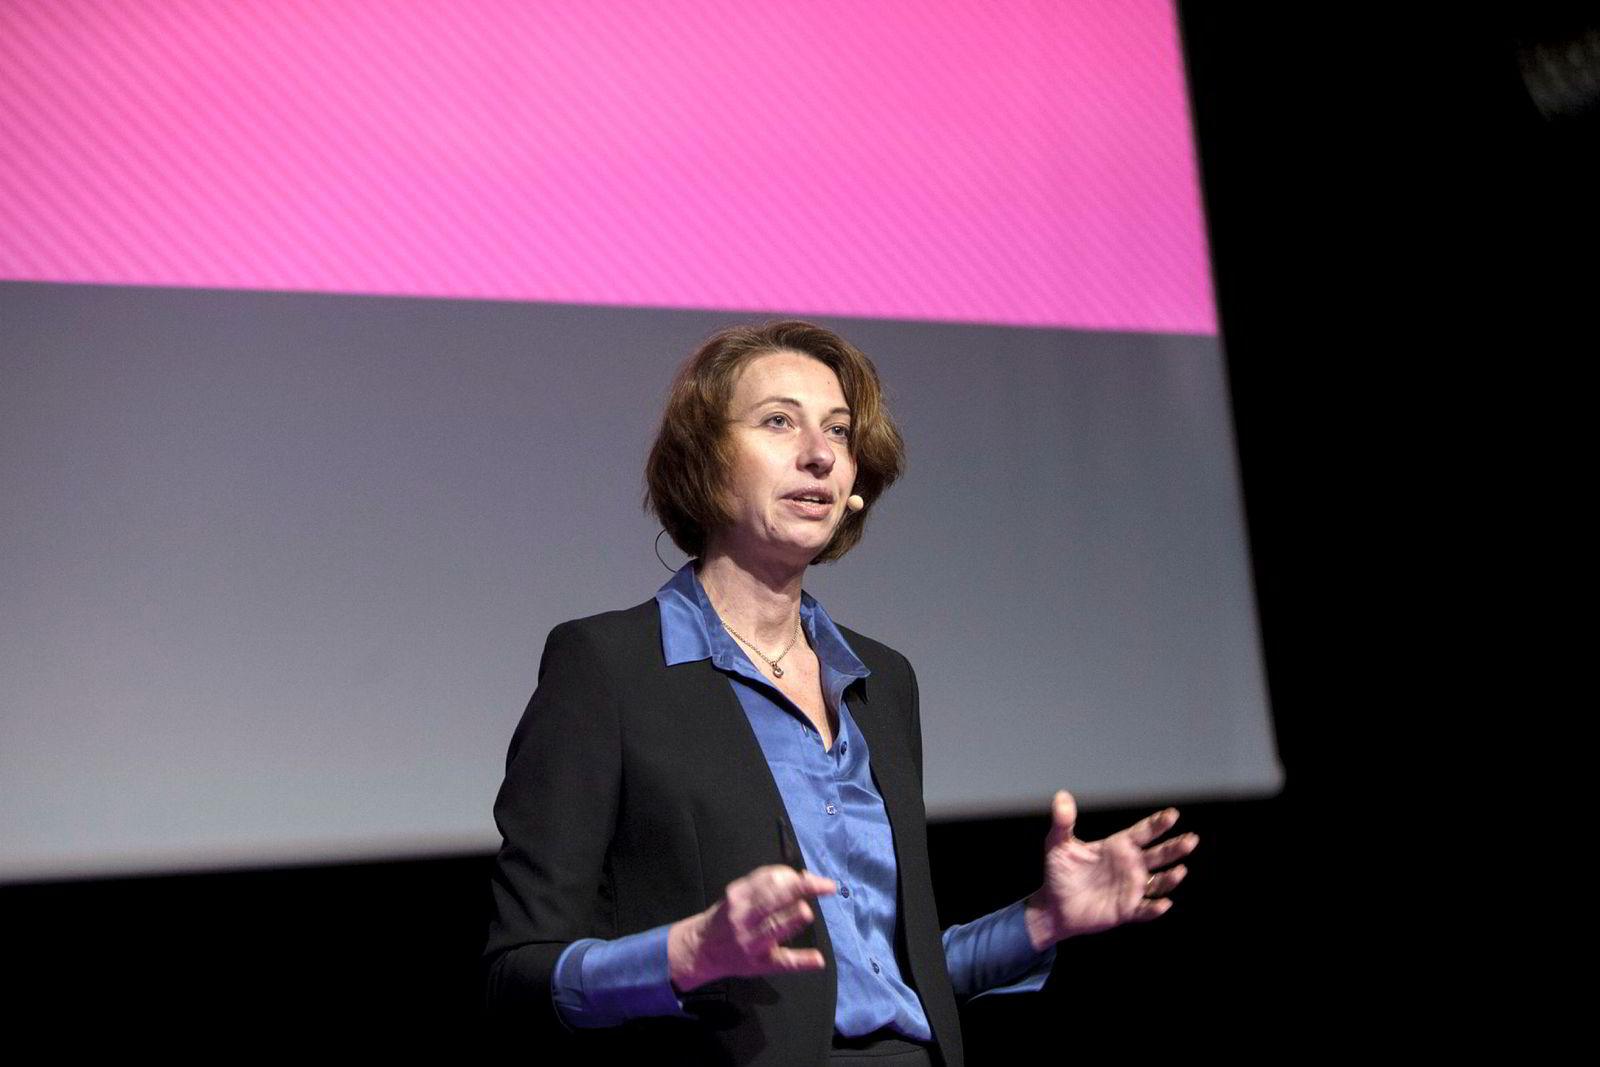 Også Silvija Seres, partner i TechnoRoks og president i Polyteknisk Forening er en etterspurt foredragsholder.